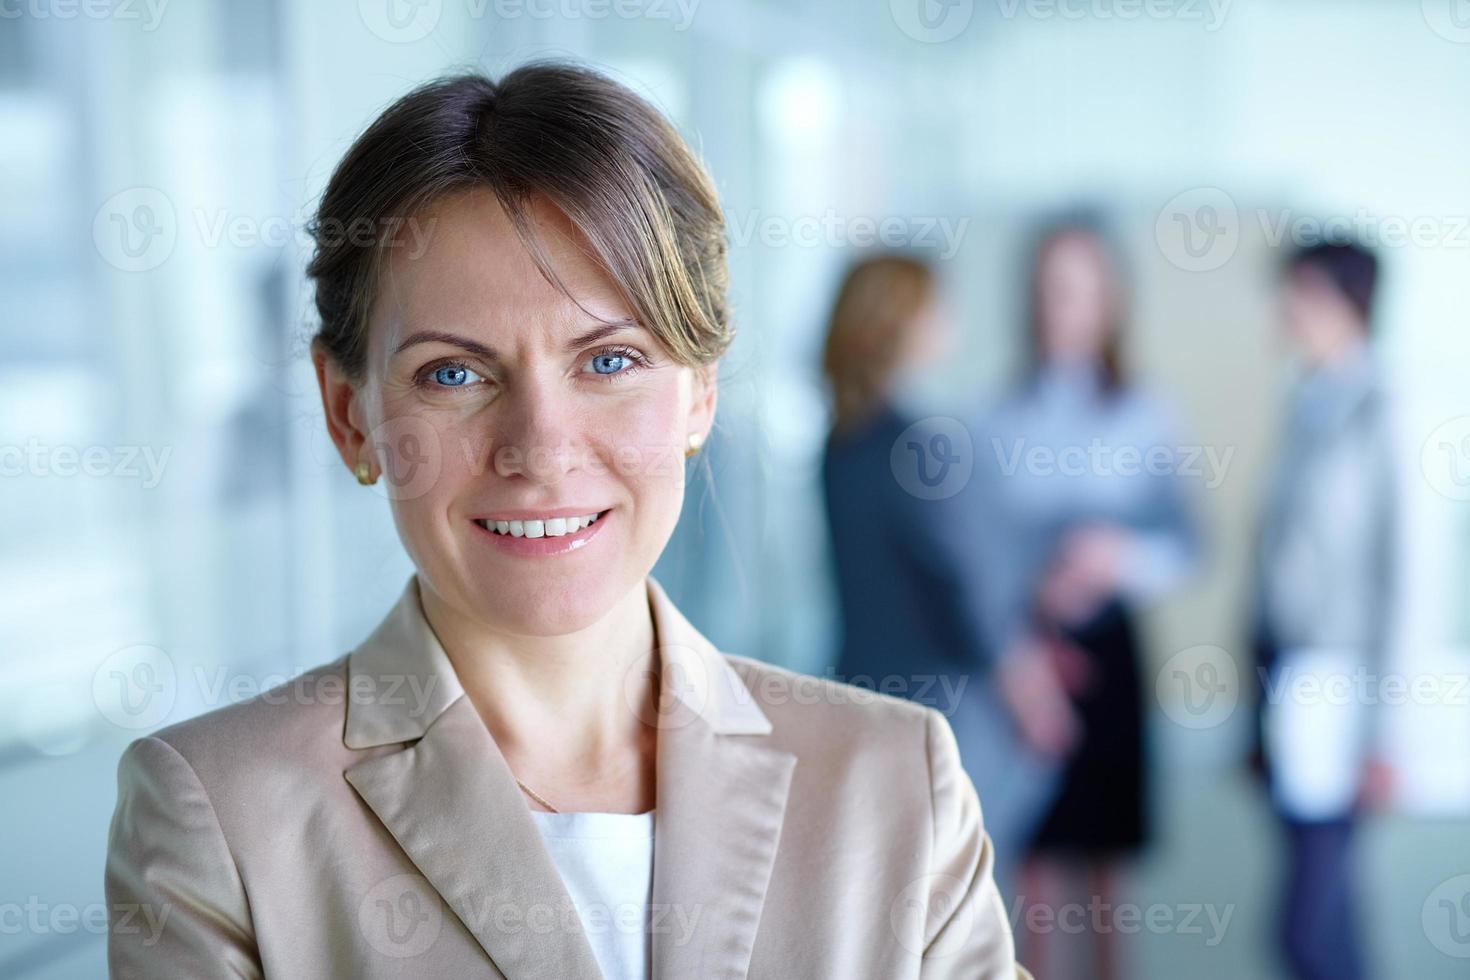 vrouwelijke leider foto